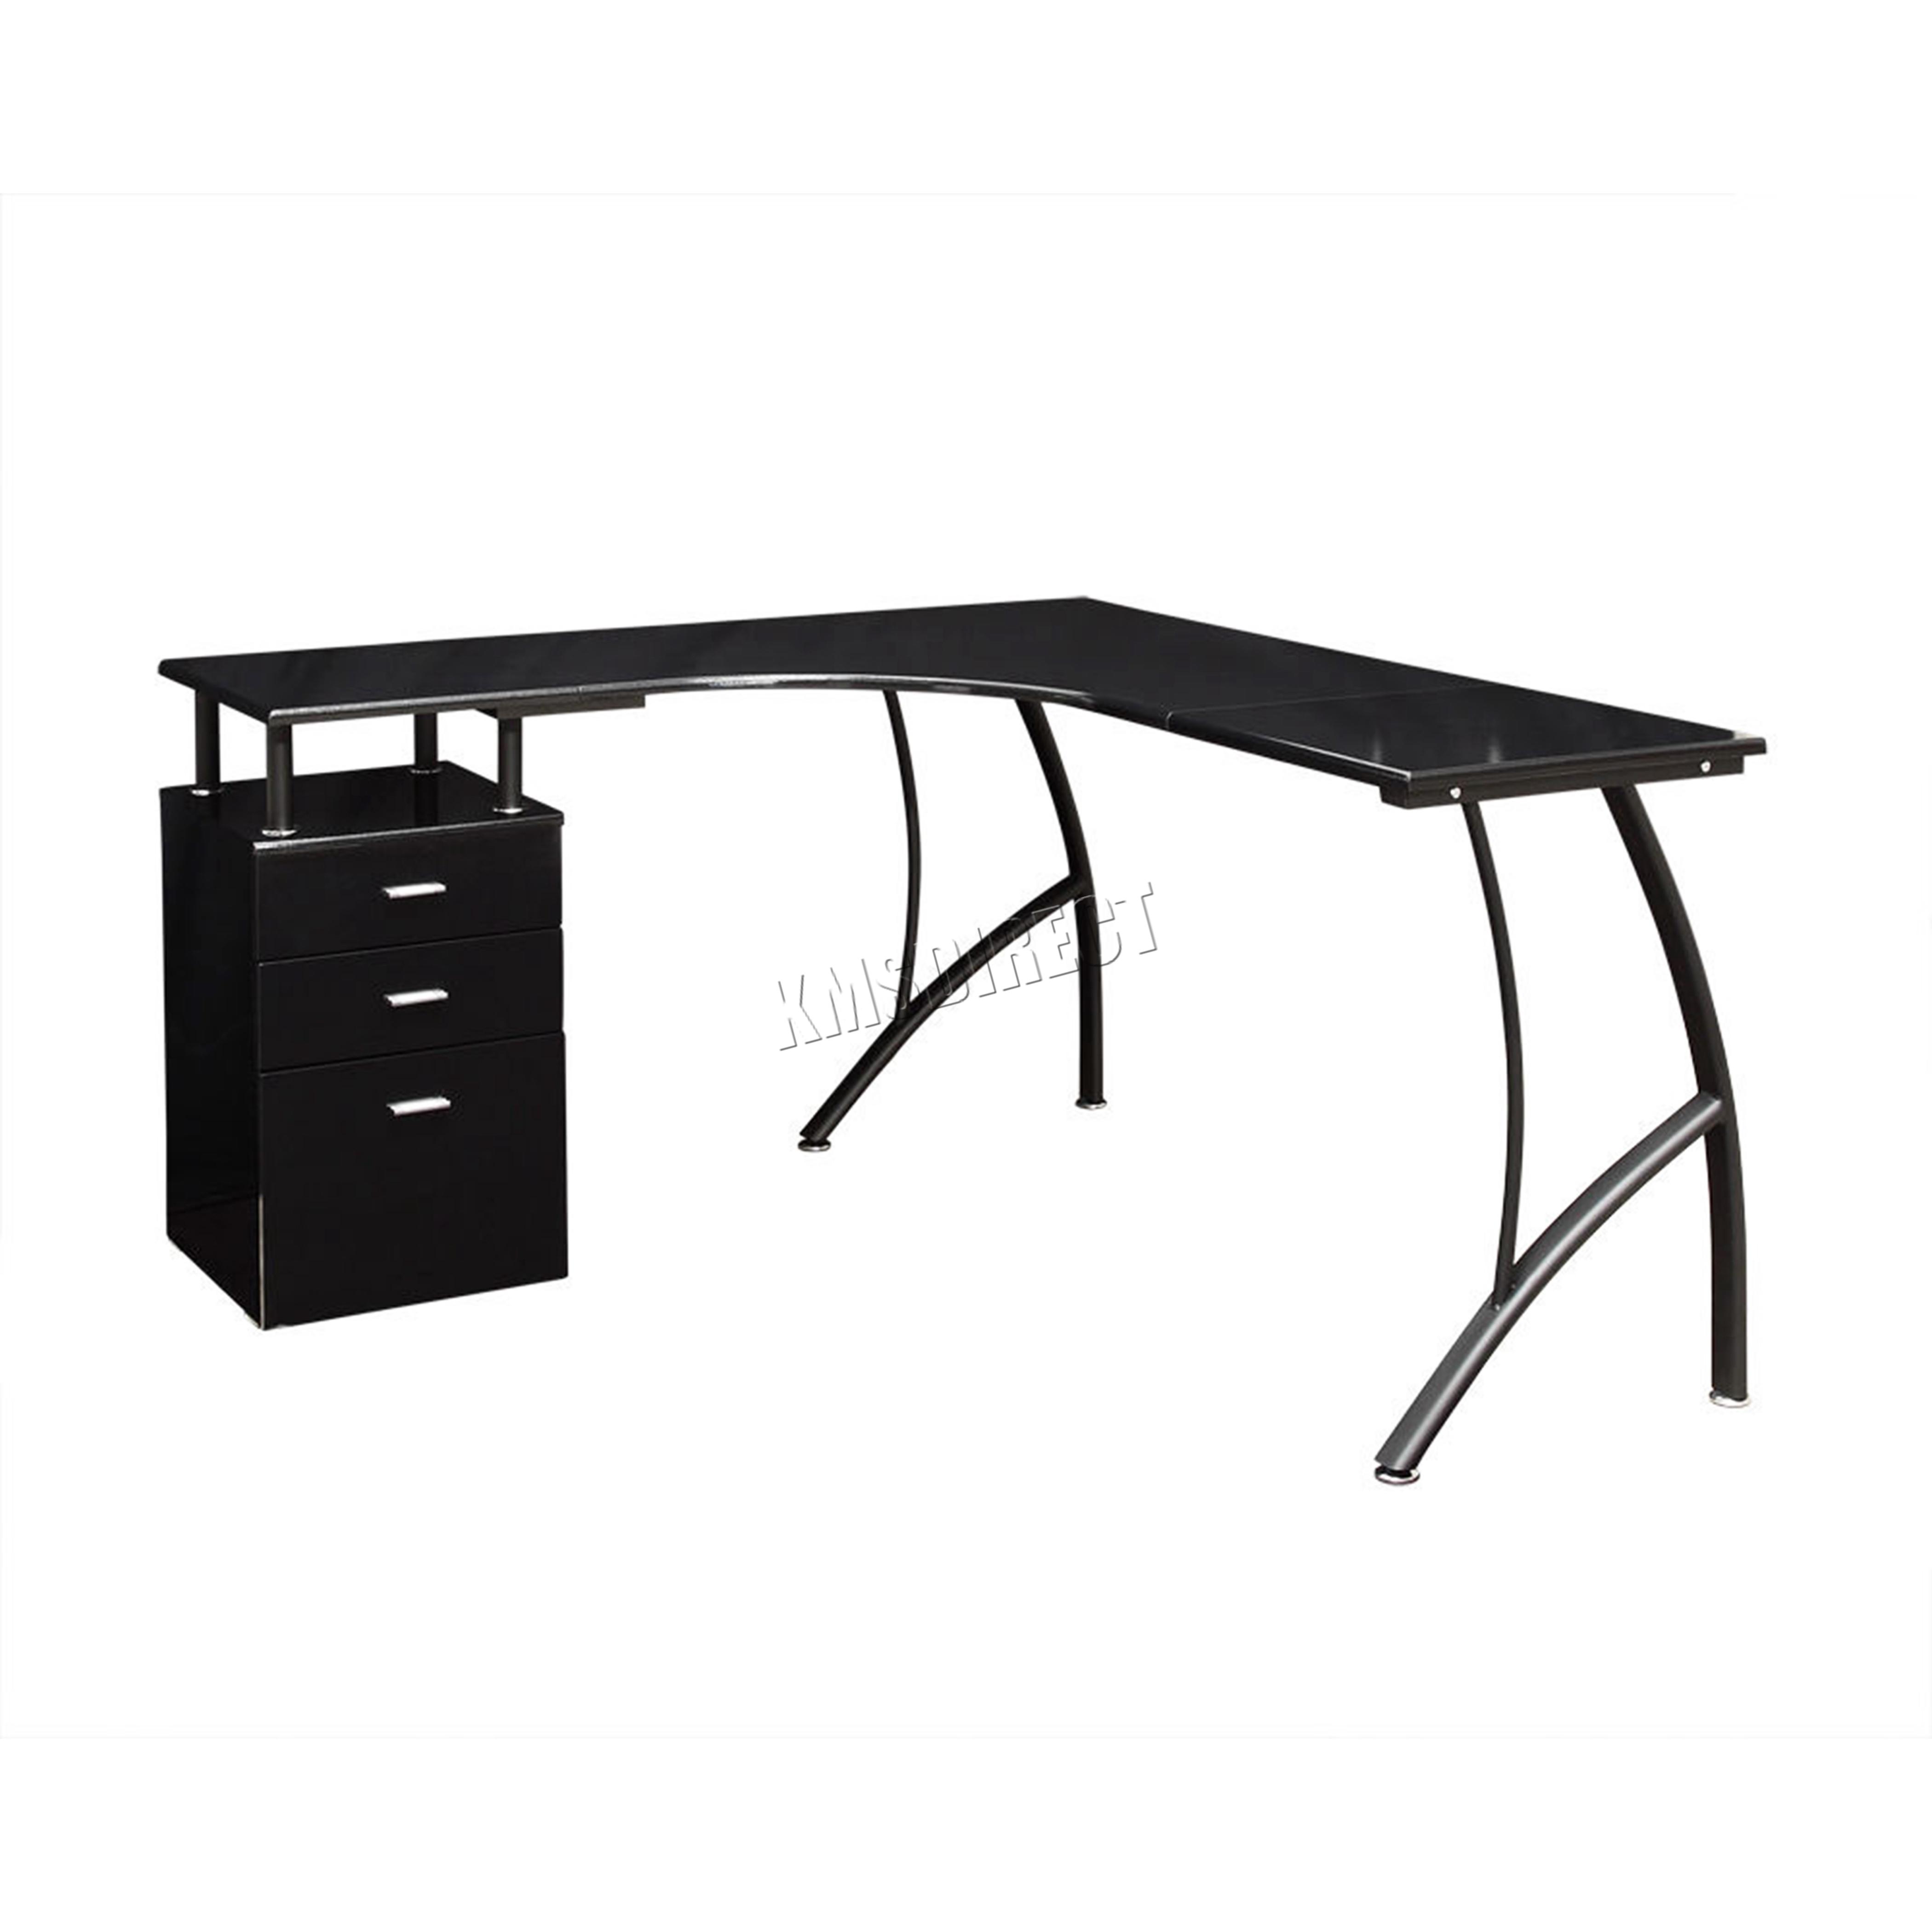 Foxhunter forma l esquina computador escritorio pc mesa - Mesa escritorio esquina ...